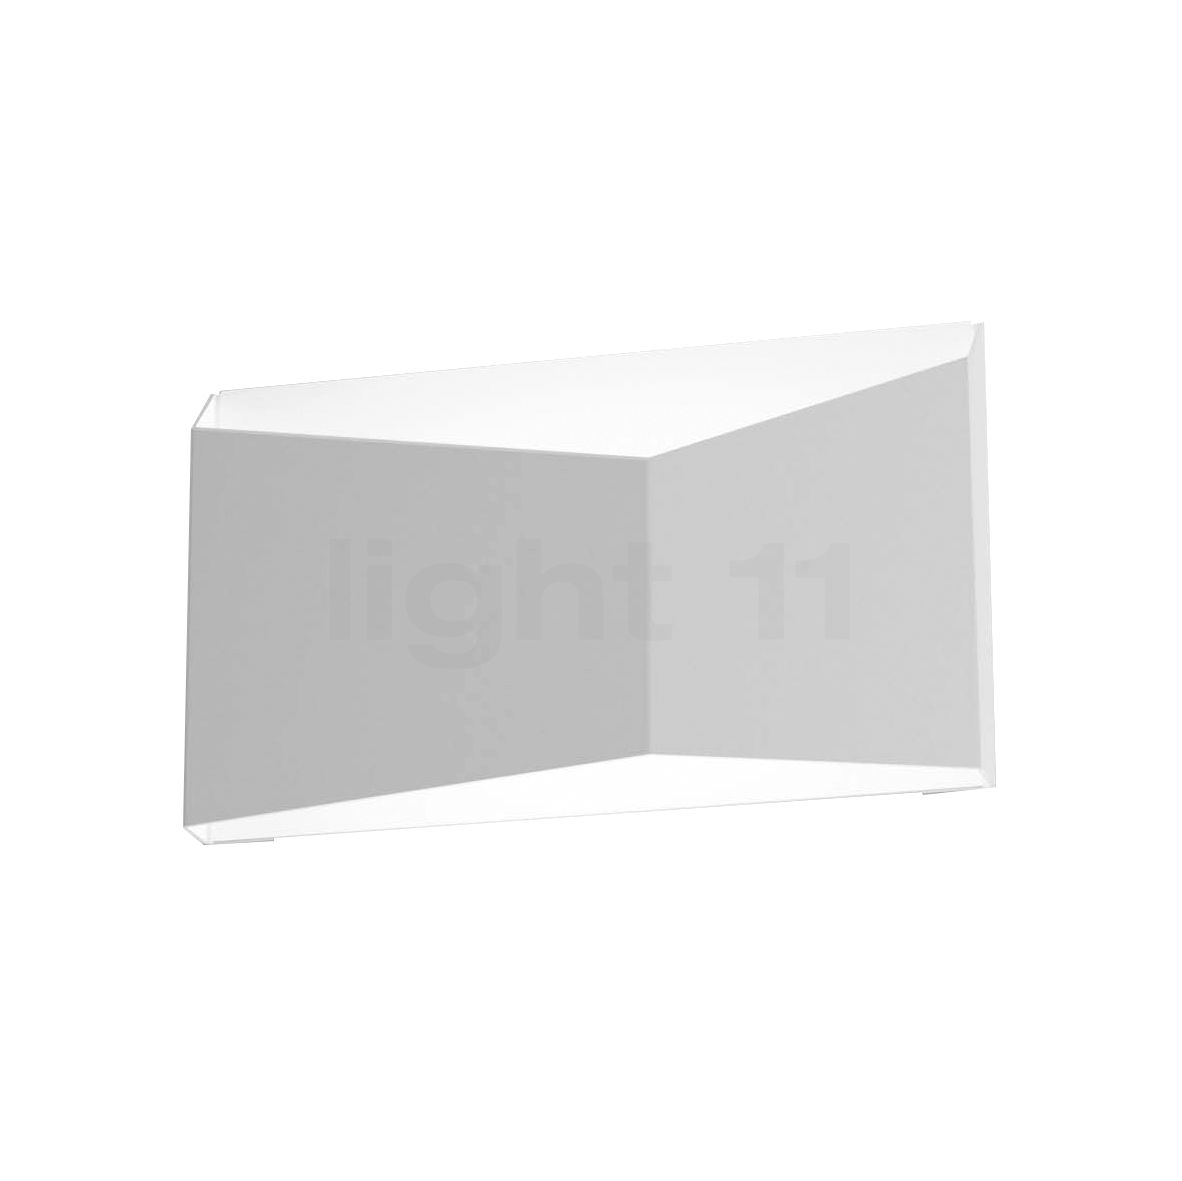 De Applique La Catégorie De La LuminairePage71 Catégorie Applique rQBeCoWxd